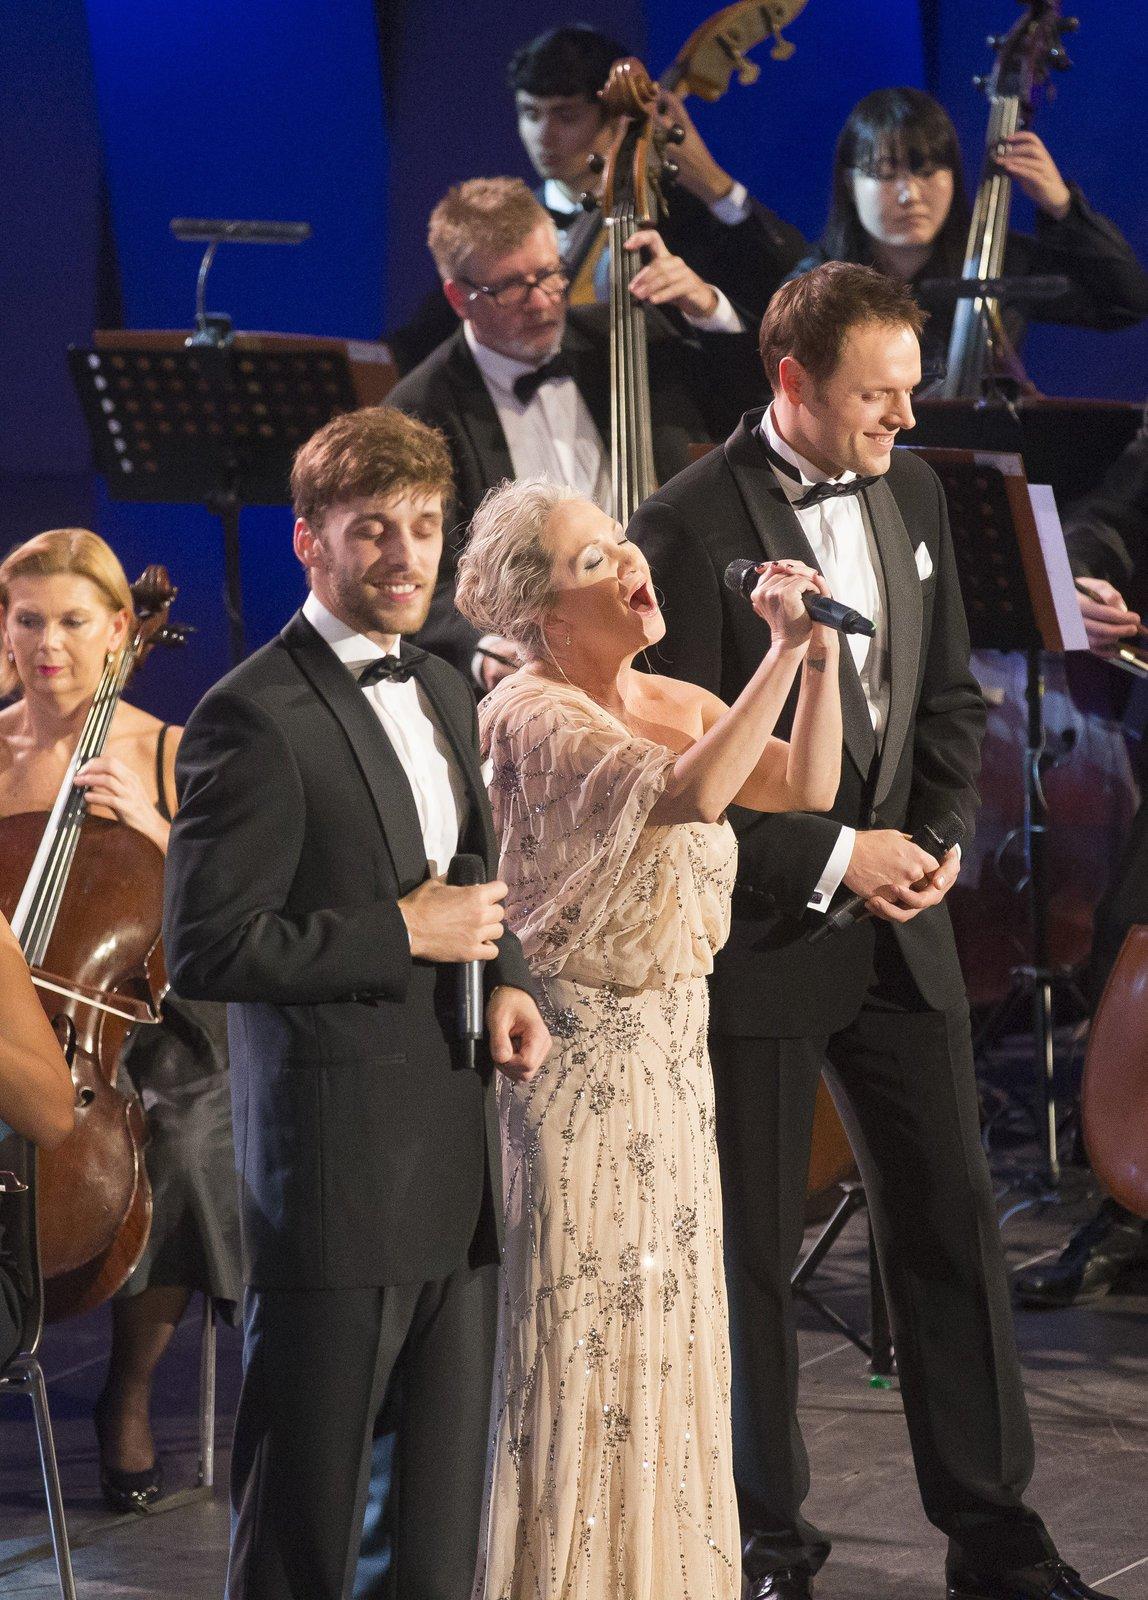 Bára Basiková s Romanem Tomešem a Janem Křížem